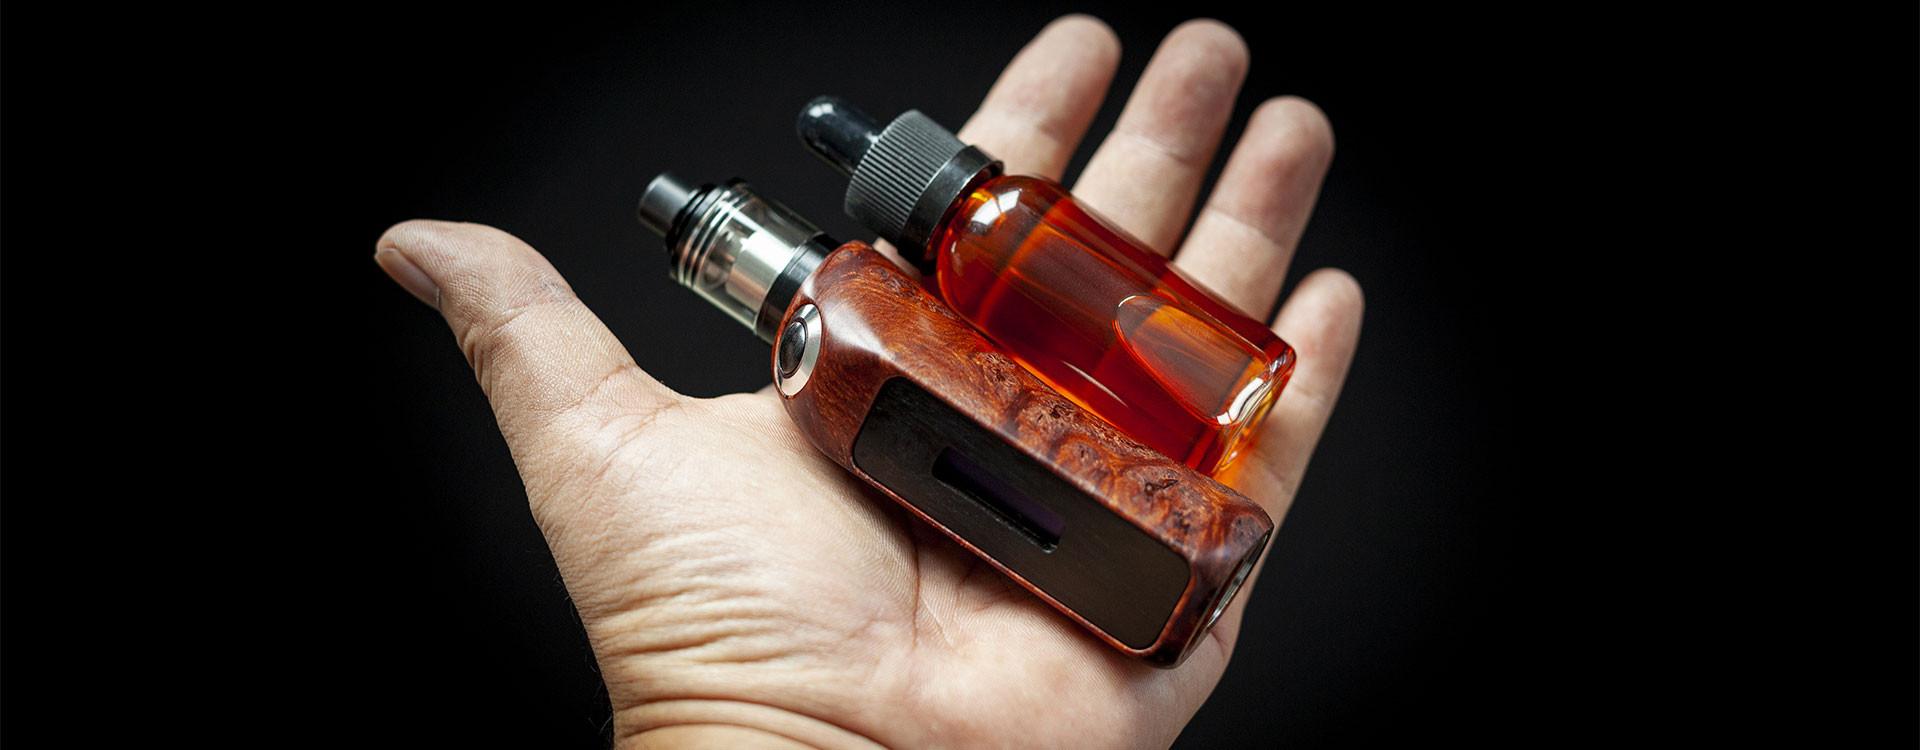 Les meilleures astuces pour bien conserver votre e-liquide